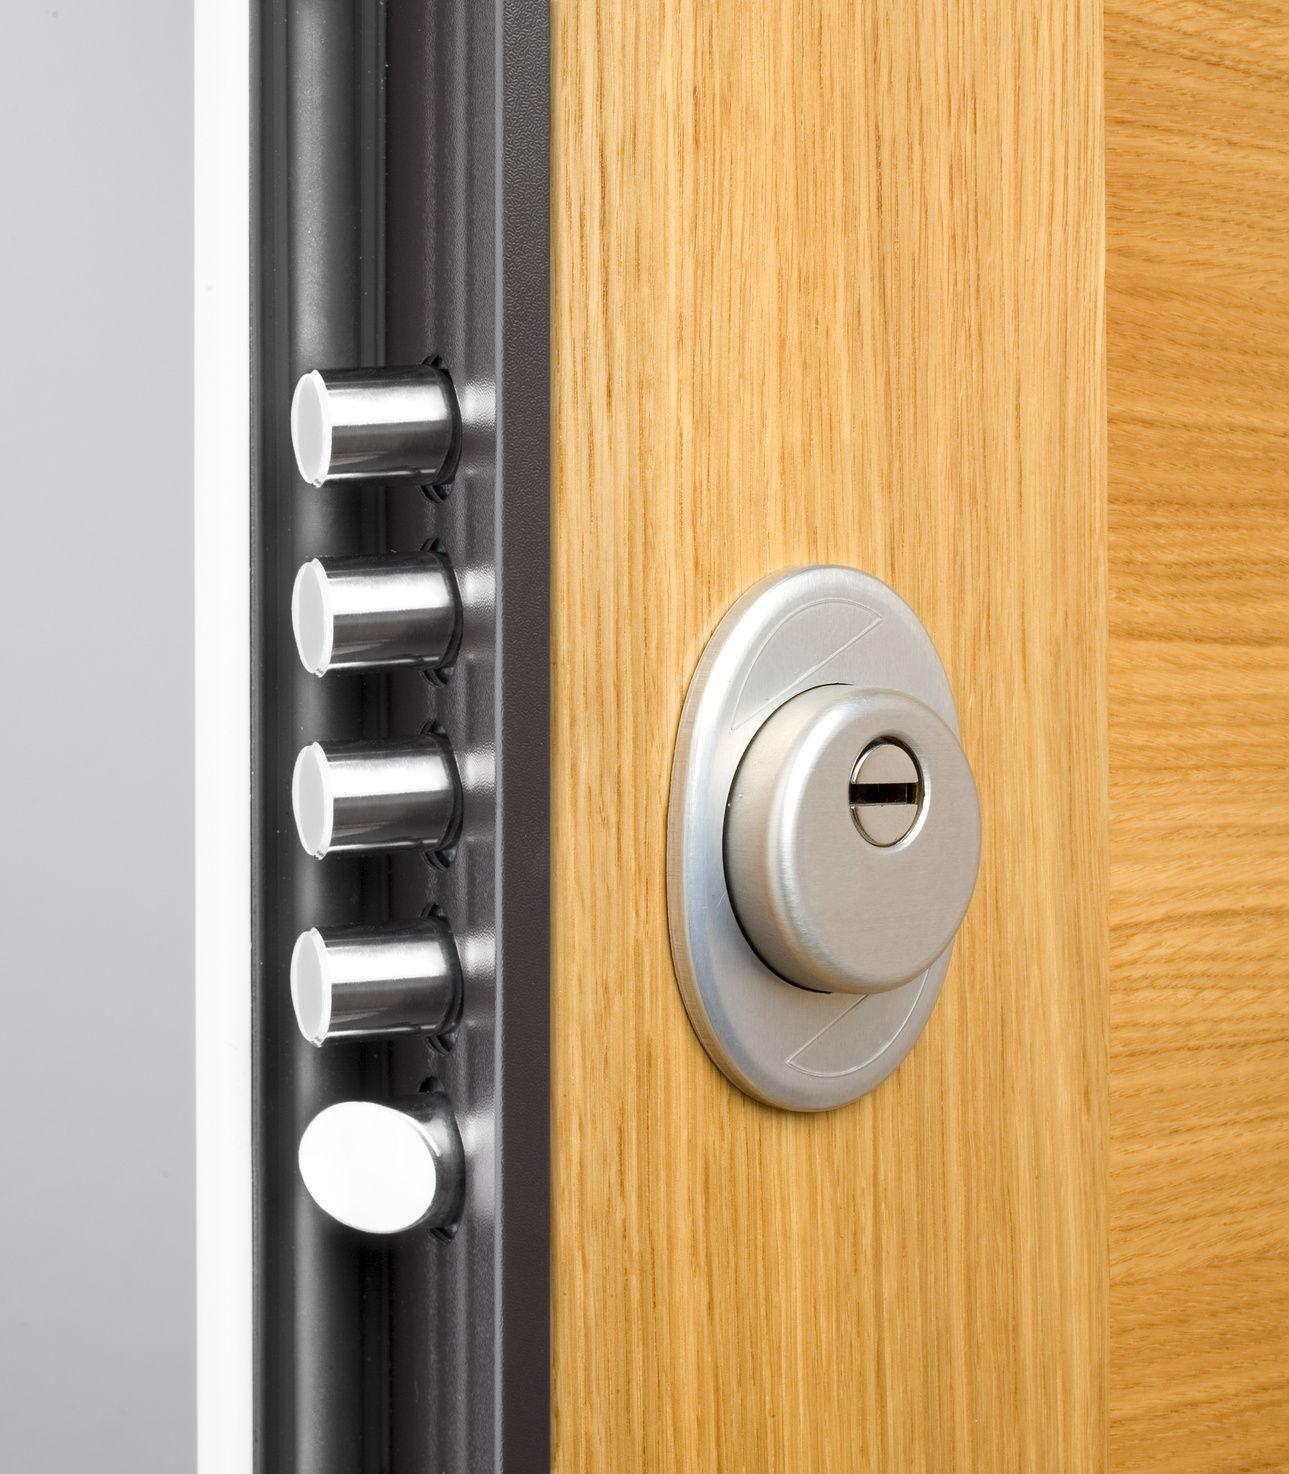 Instala t mismo las cerraduras de tu casa con estos - Cerrajeros 24h valencia ...